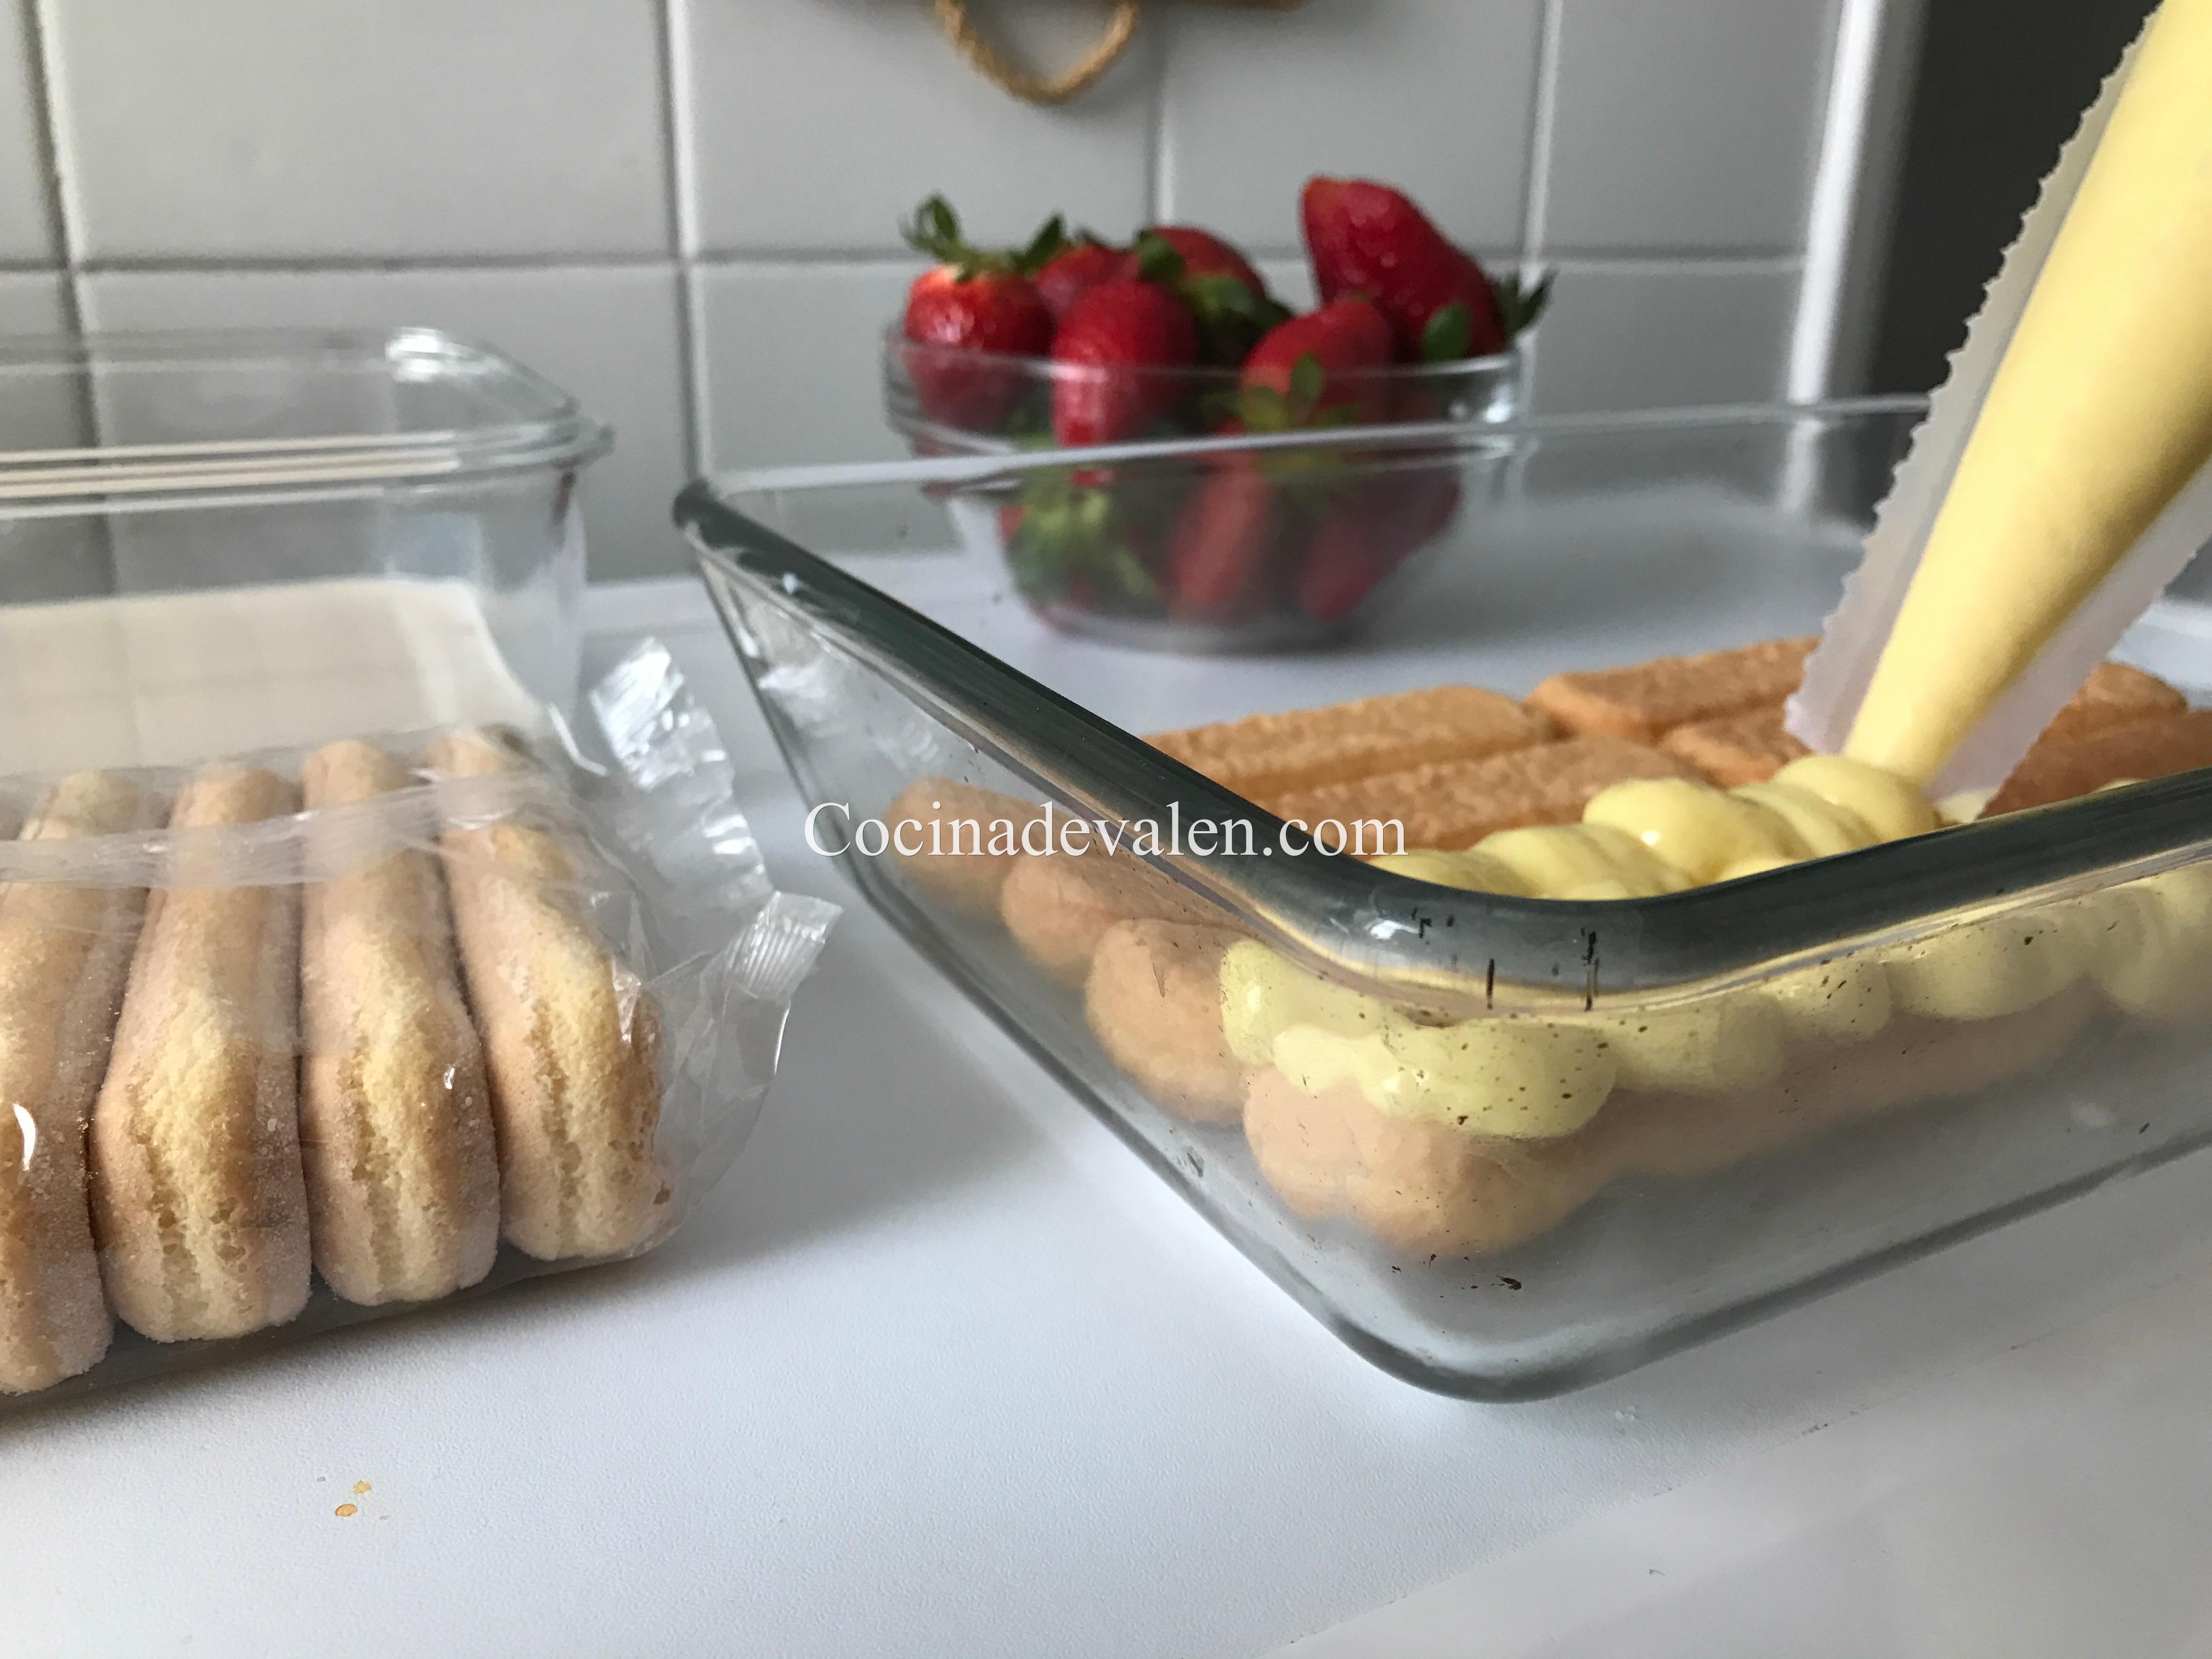 Fresier - Cocina de Valen